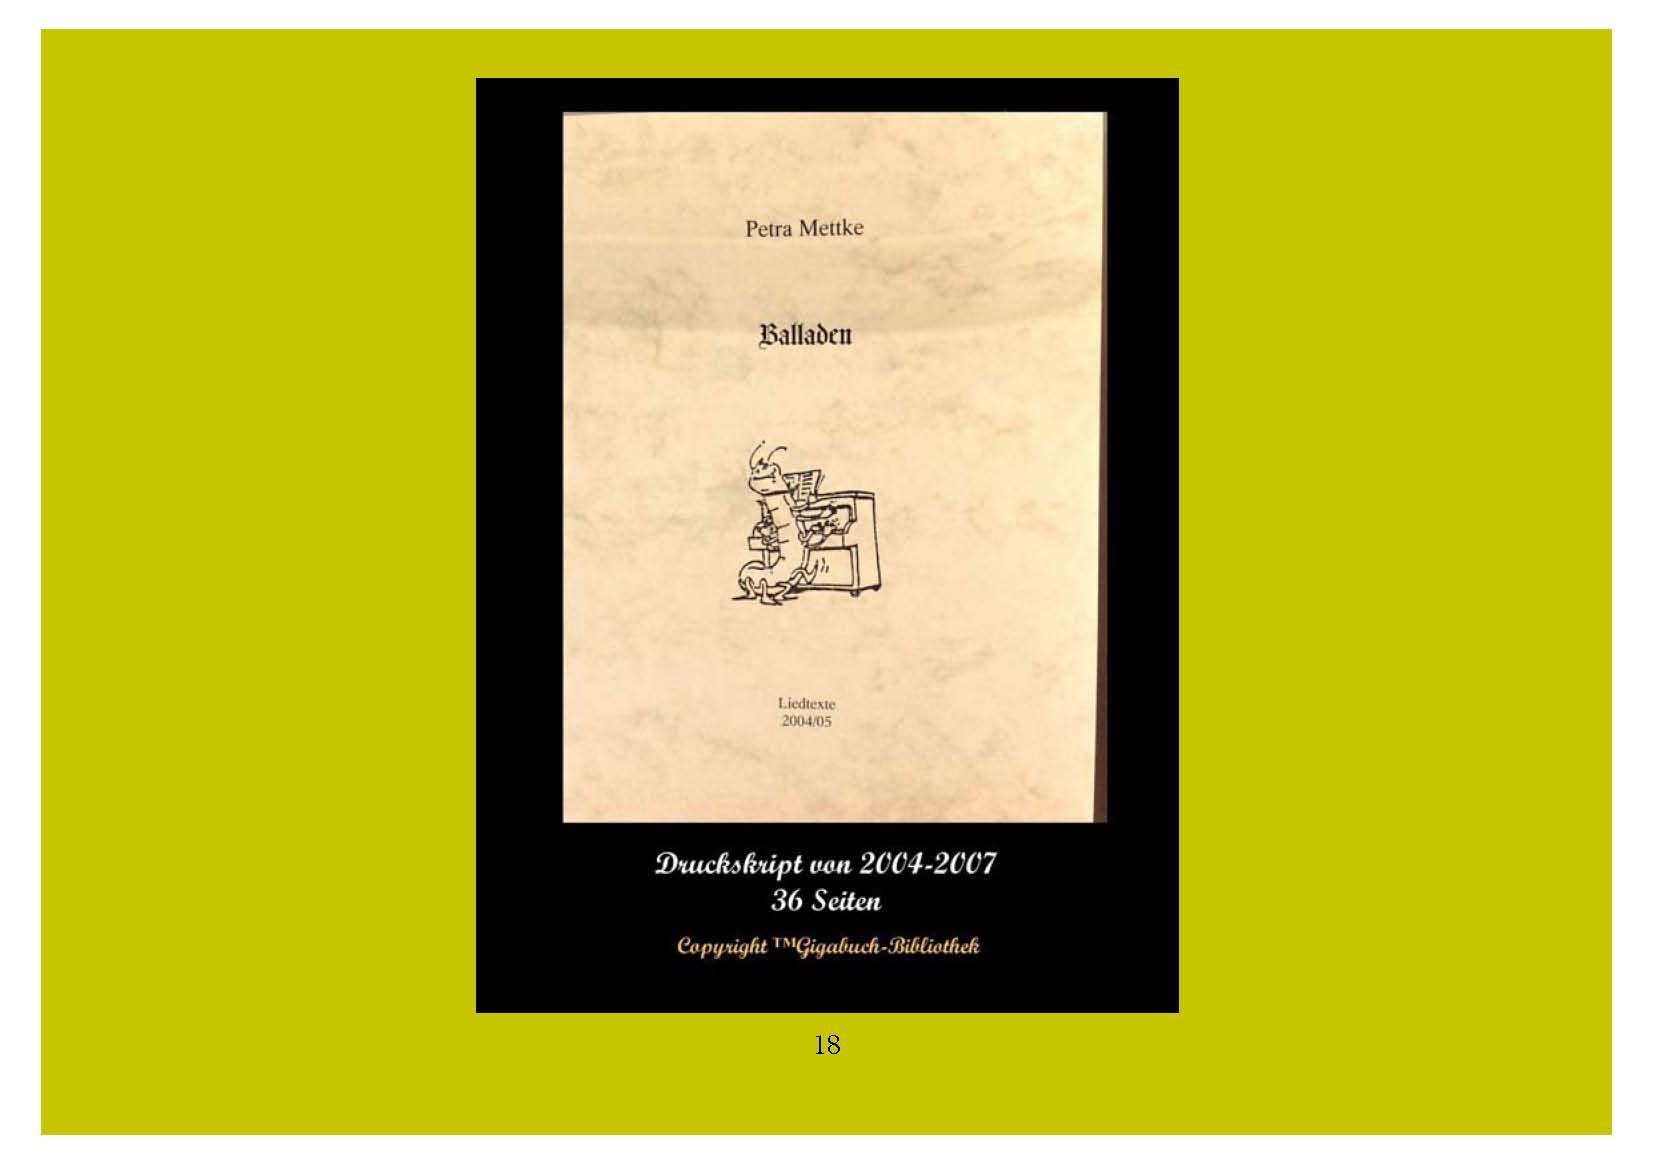 ™Gigabuch-Bibliothek/iAutobiographie Band 20/Bild 1494